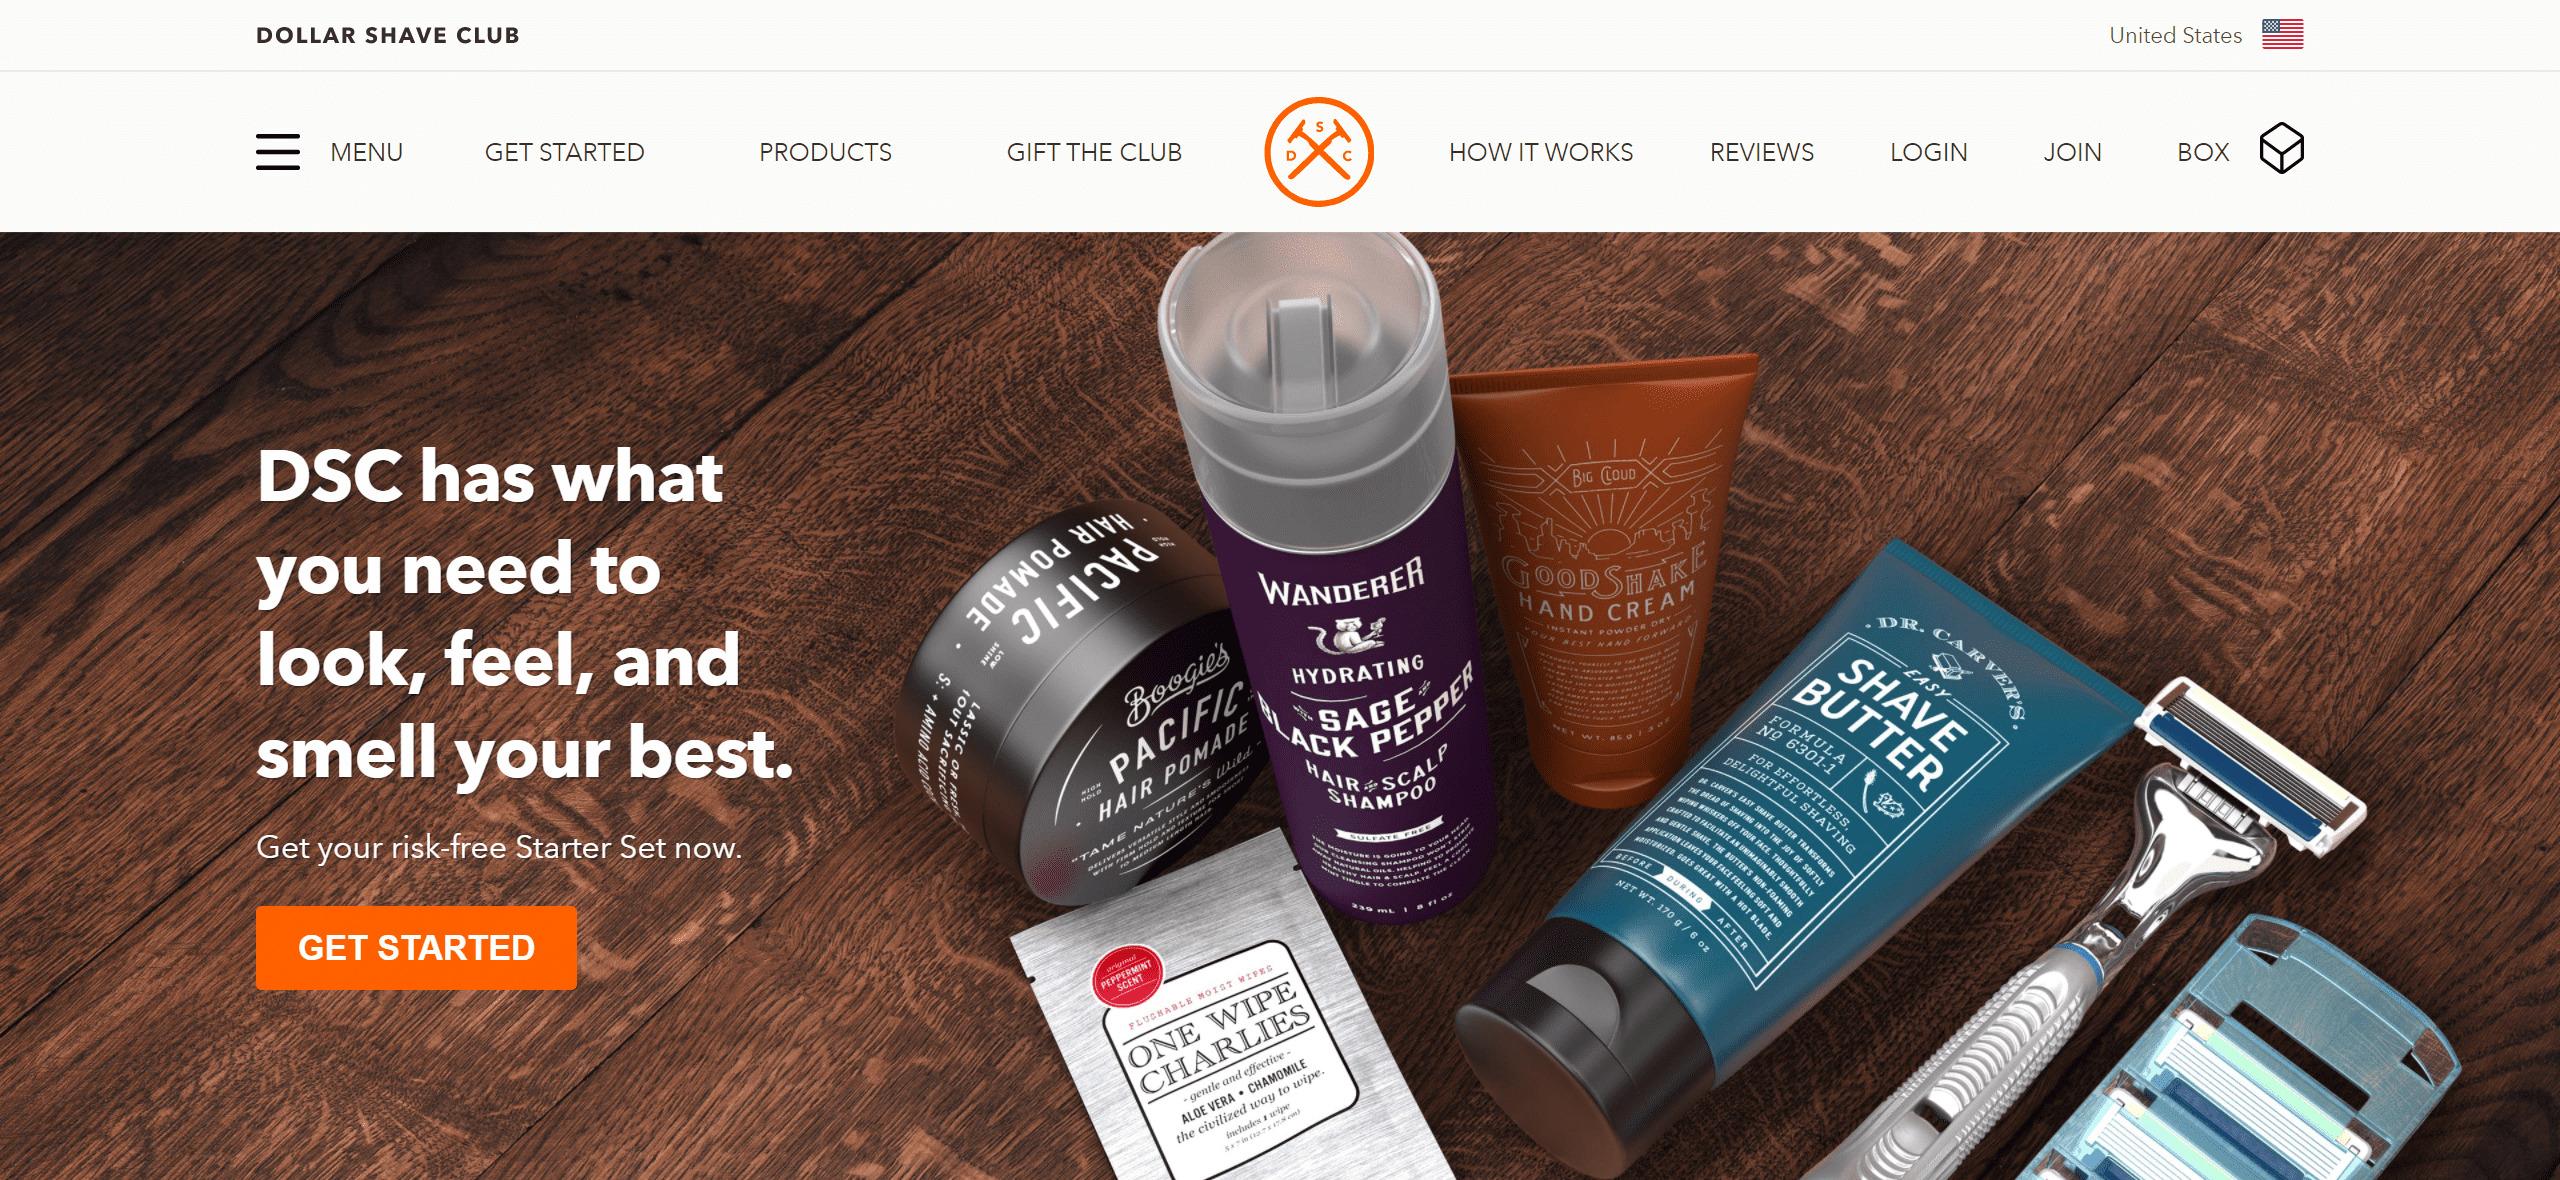 カミソリが定期的に届くサブスクリプション「Dollar Shave Club」